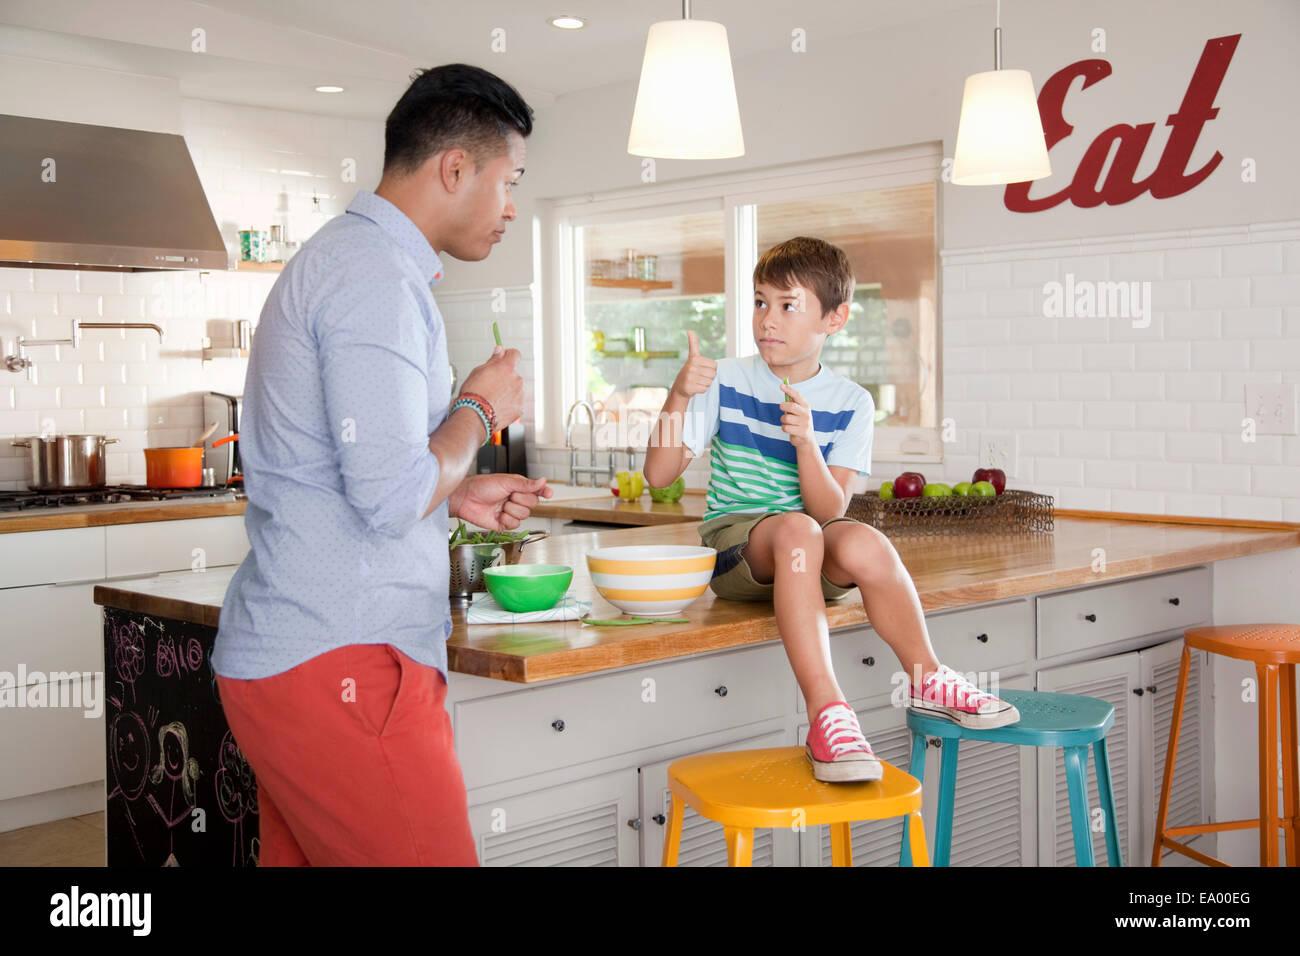 Vater und Sohn in Küche, junge sitzt an Theke Stockbild